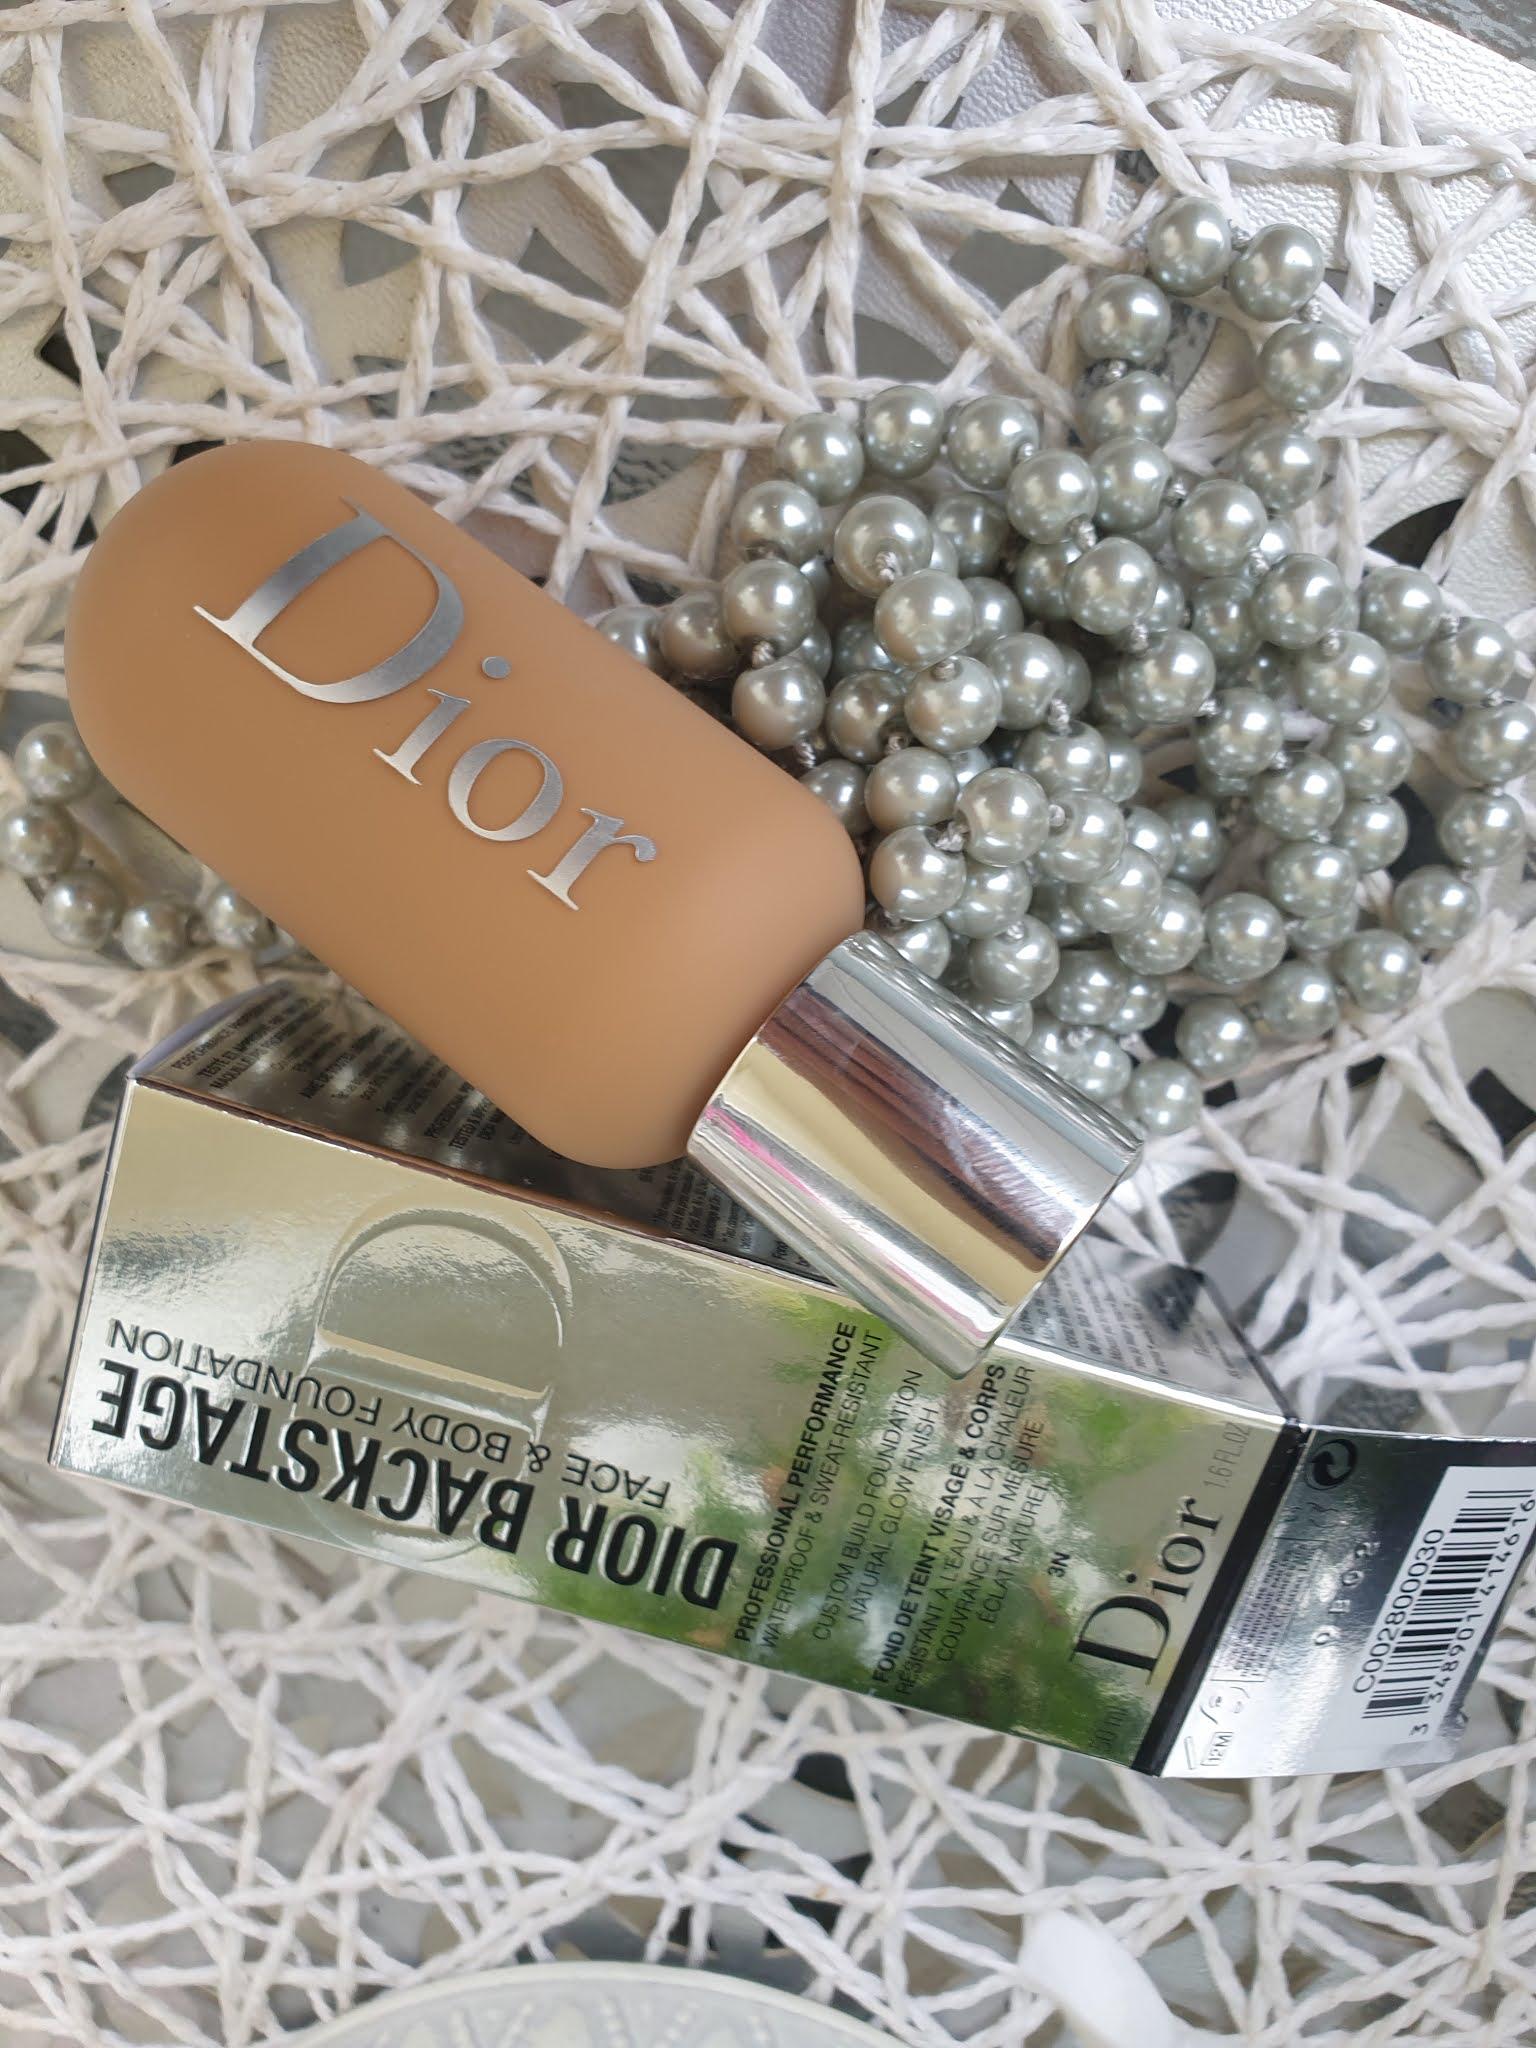 Dior beckstage